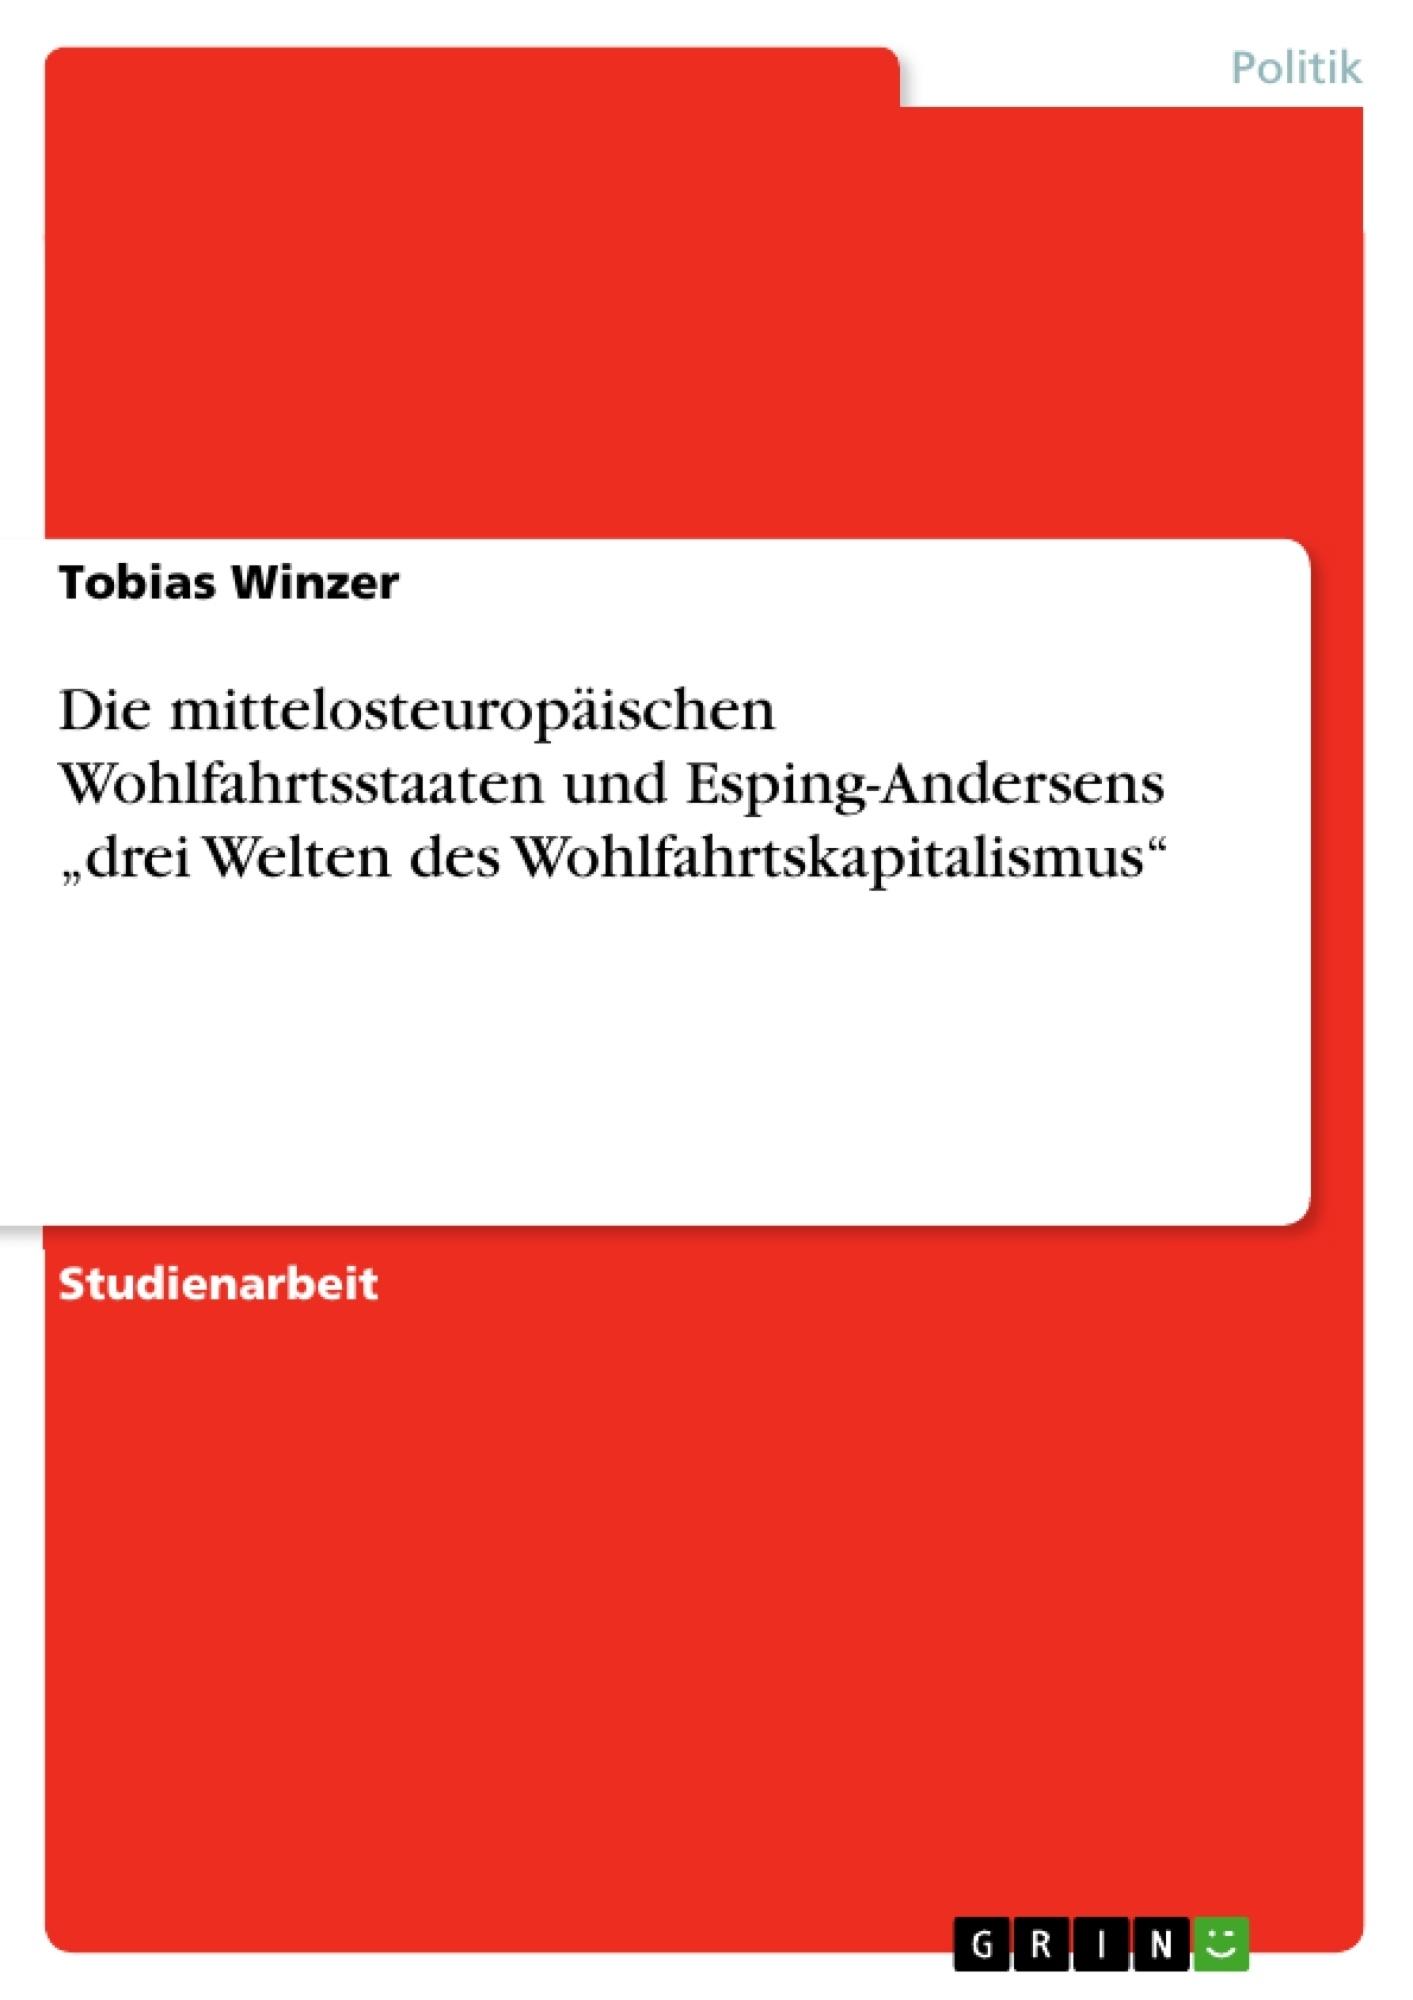 """Titel: Die mittelosteuropäischen Wohlfahrtsstaaten und Esping-Andersens """"drei Welten des Wohlfahrtskapitalismus"""""""